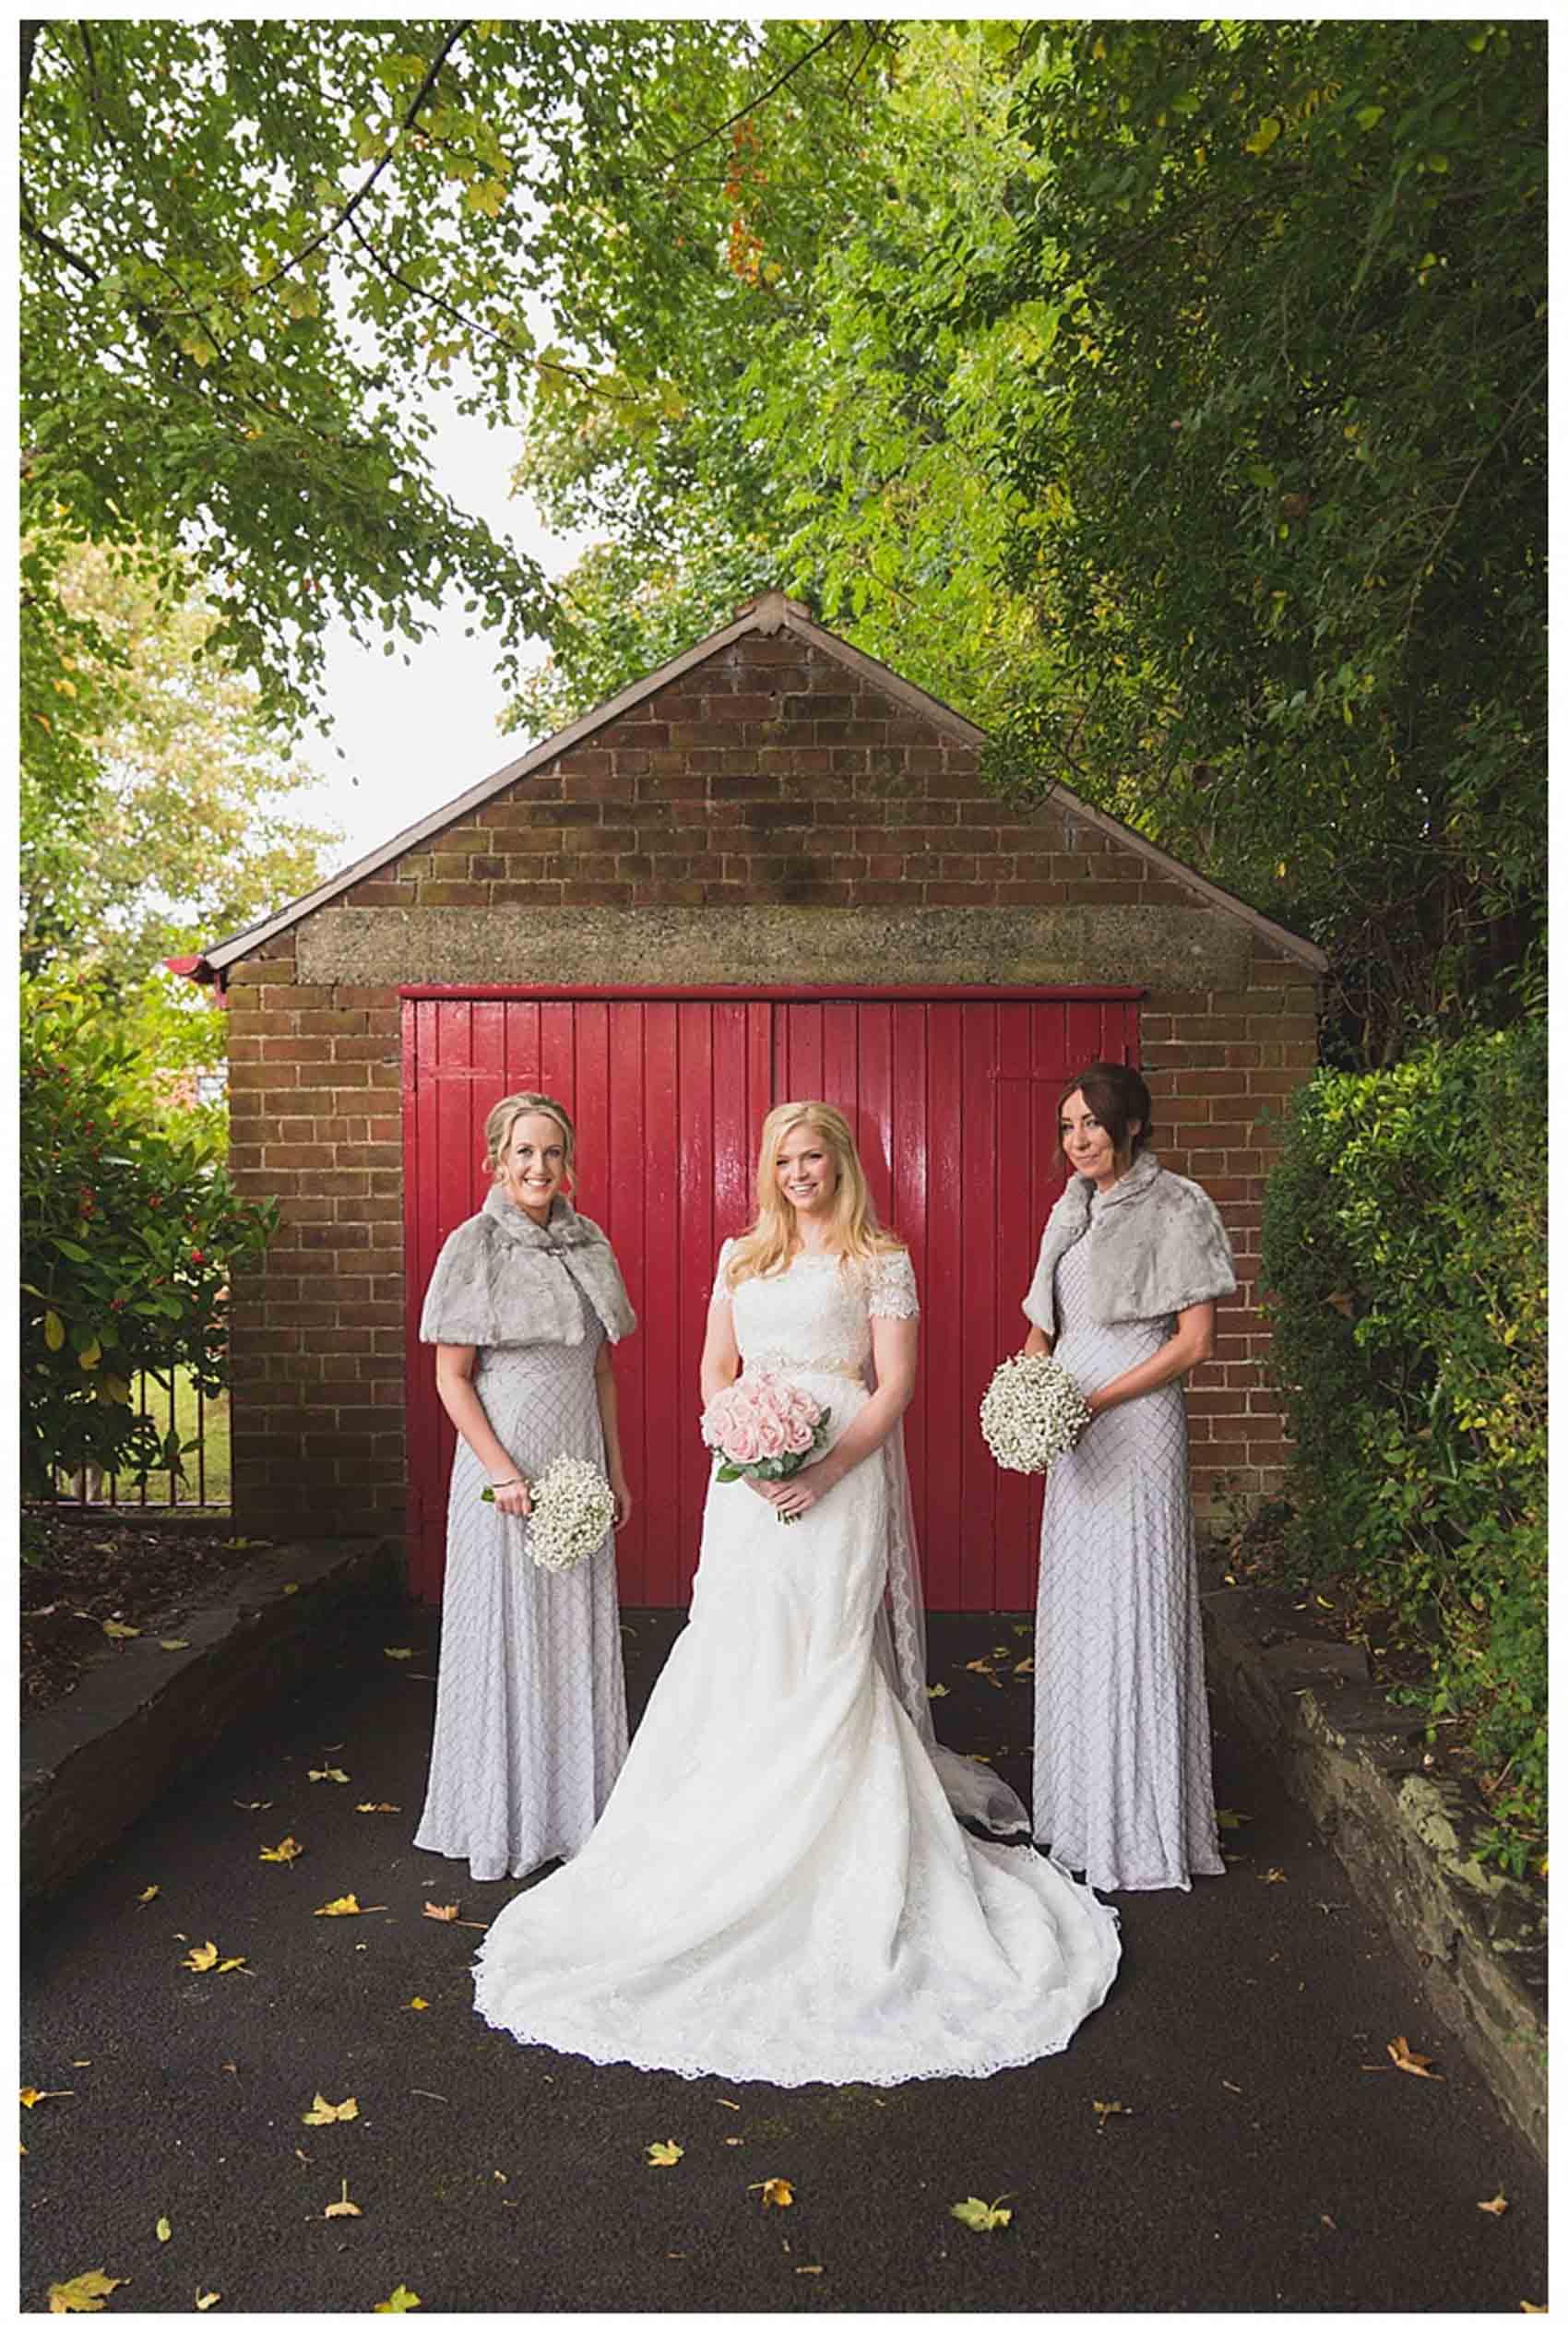 Larchfield Estate Wedding Photography by Ricky Parker Photography 251